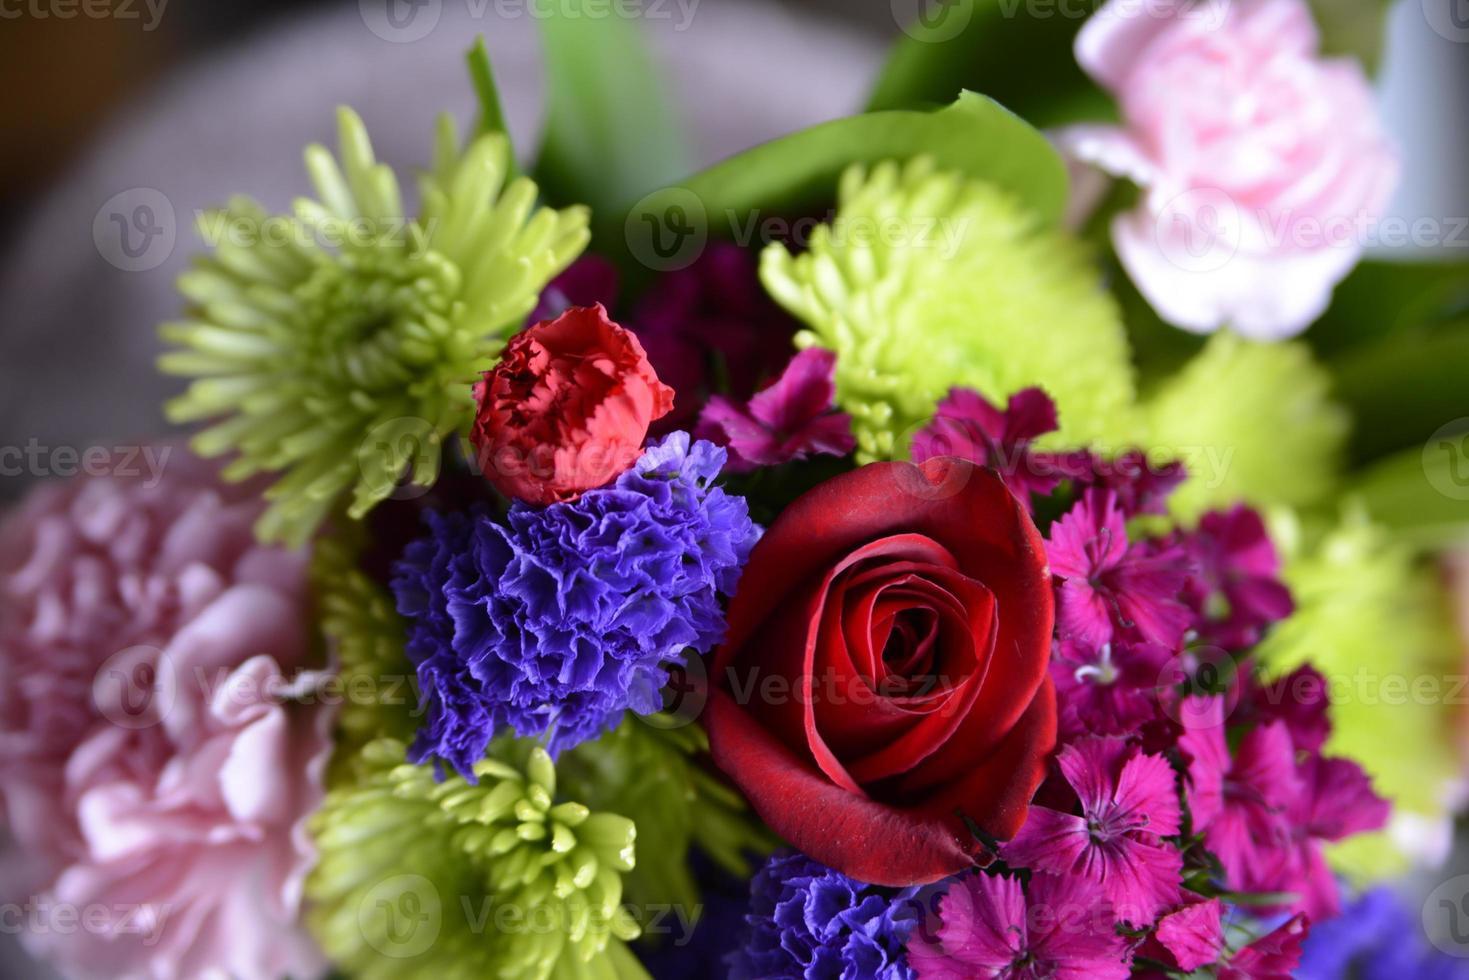 Blumensträuße mit roter Rose foto